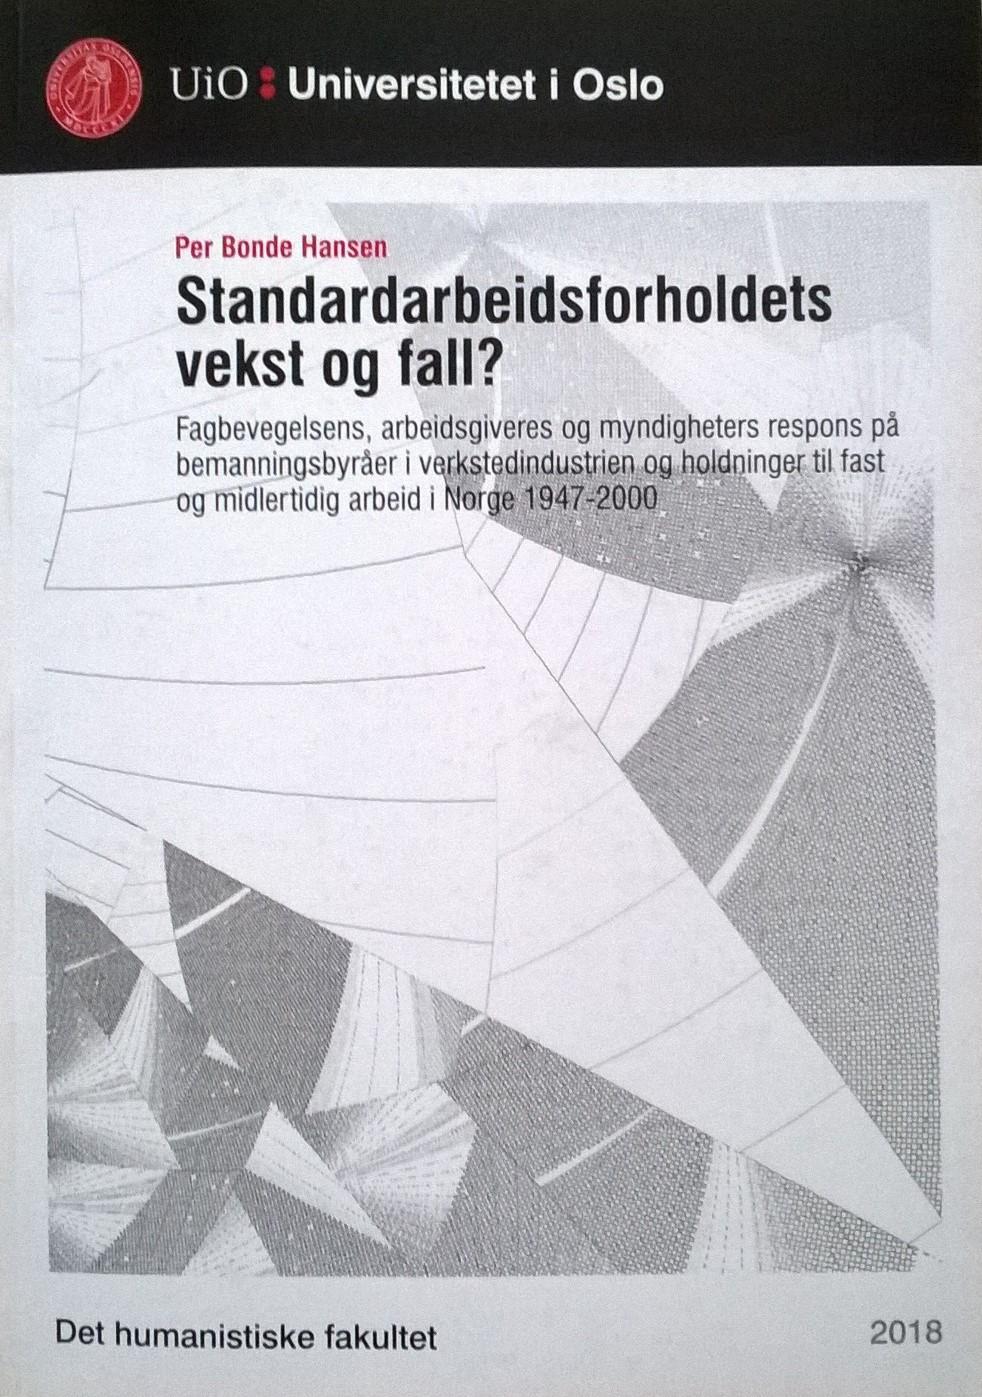 Hansen, Per Bonde Standardarbeidsforholdets vekst og fall: Fagbevegelsens, arbeidsgiveres og myndigheters respons på bemanningsbyråer i verkstedindustrien og holdninger til fast og midlertidig arbeid i Norge 1947—2000